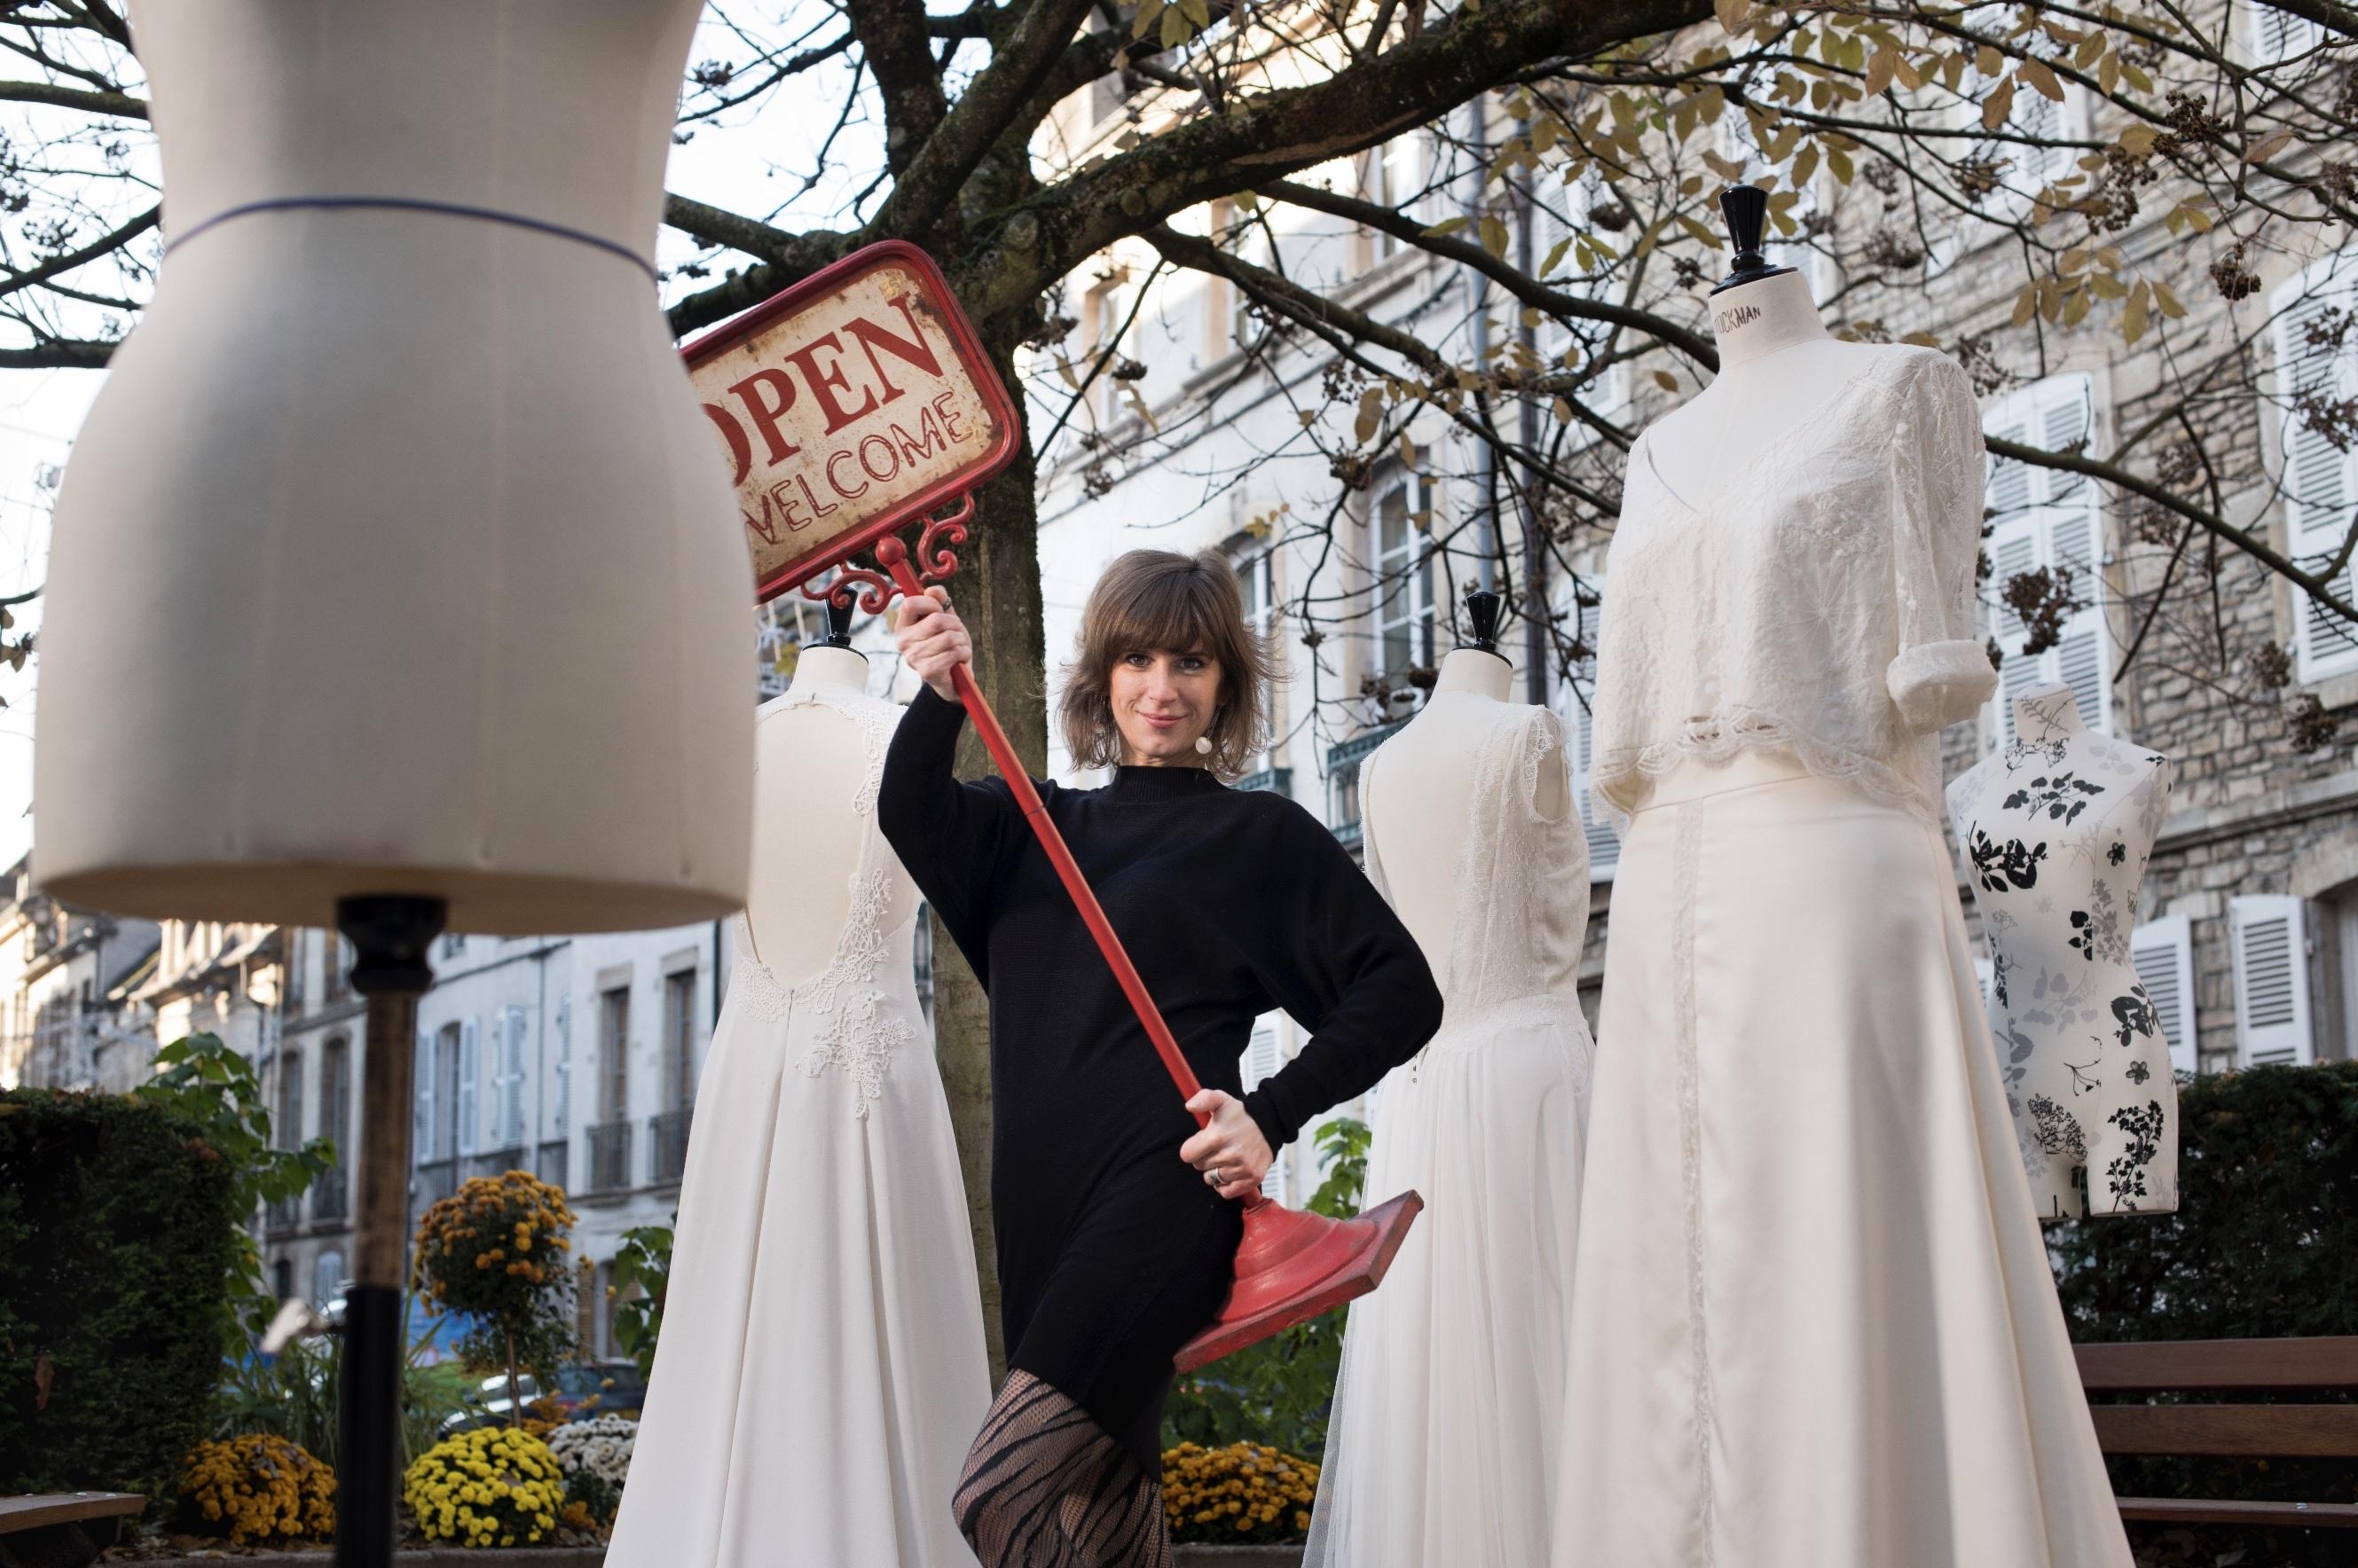 Beaune et ses commerces : la rue de Lorraine dit « oui » à 2021